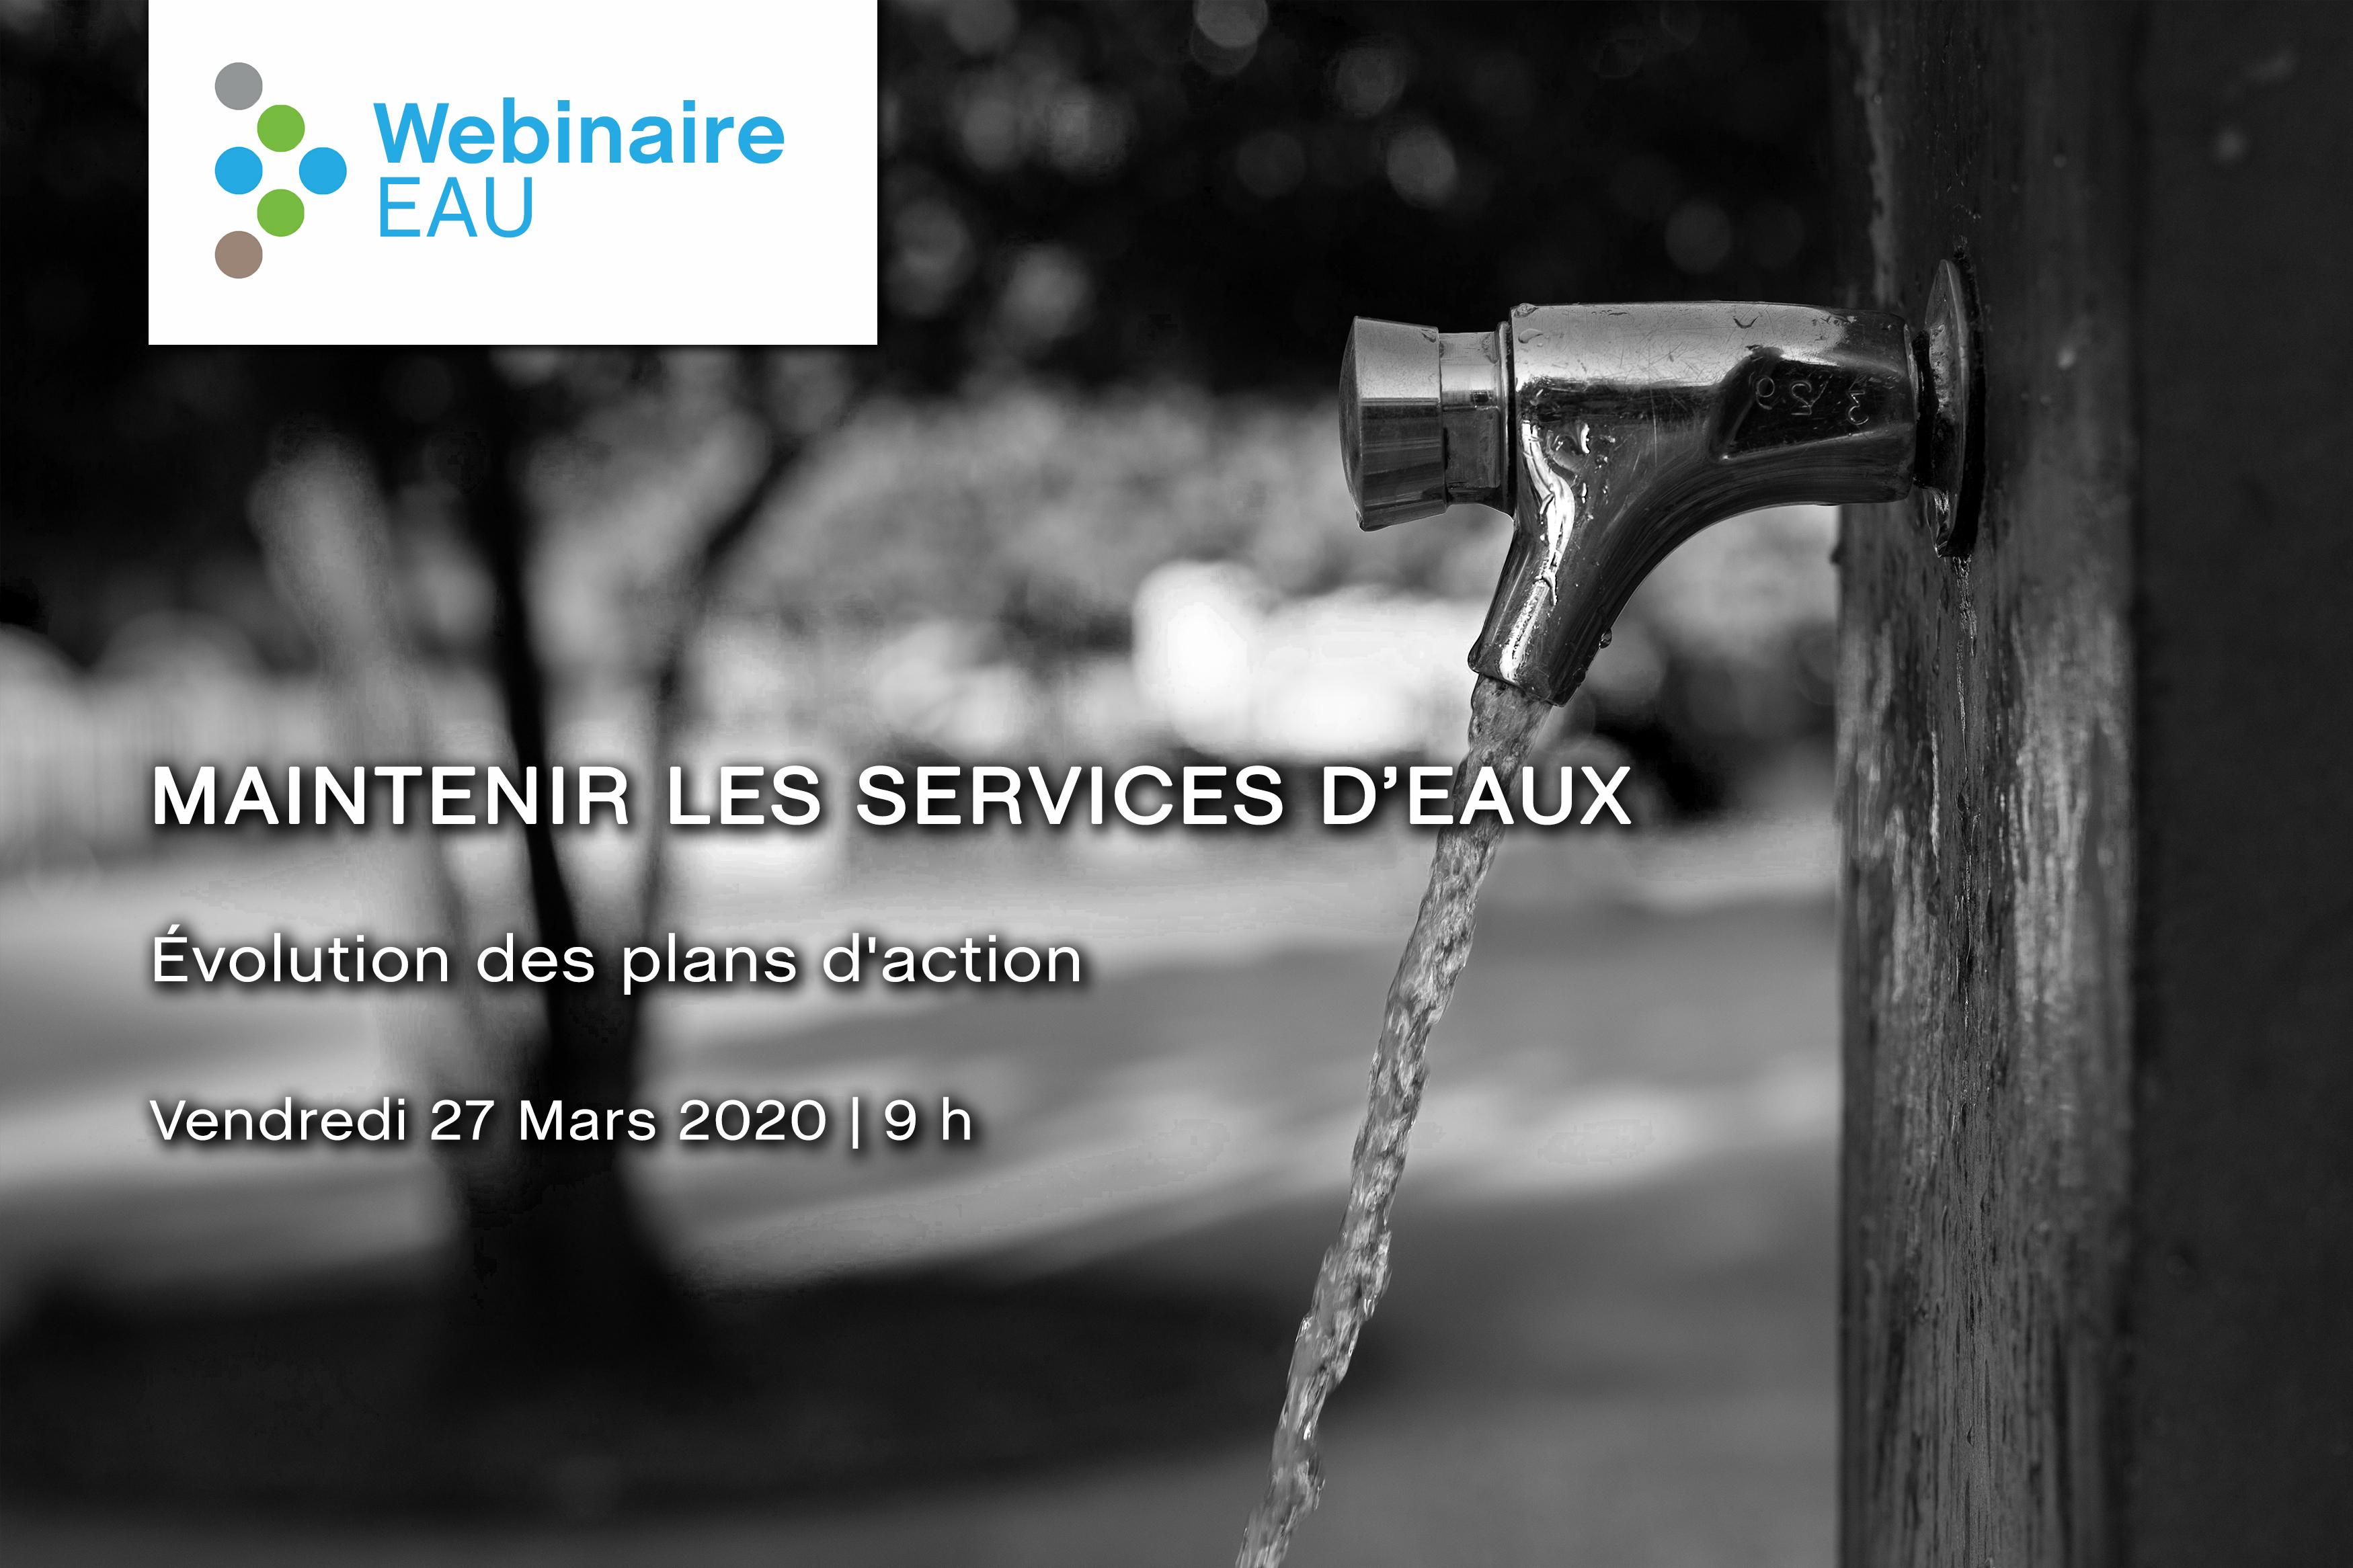 Webinaire Eau - Évolution des plans d'action pour maintenir les services d'eaux